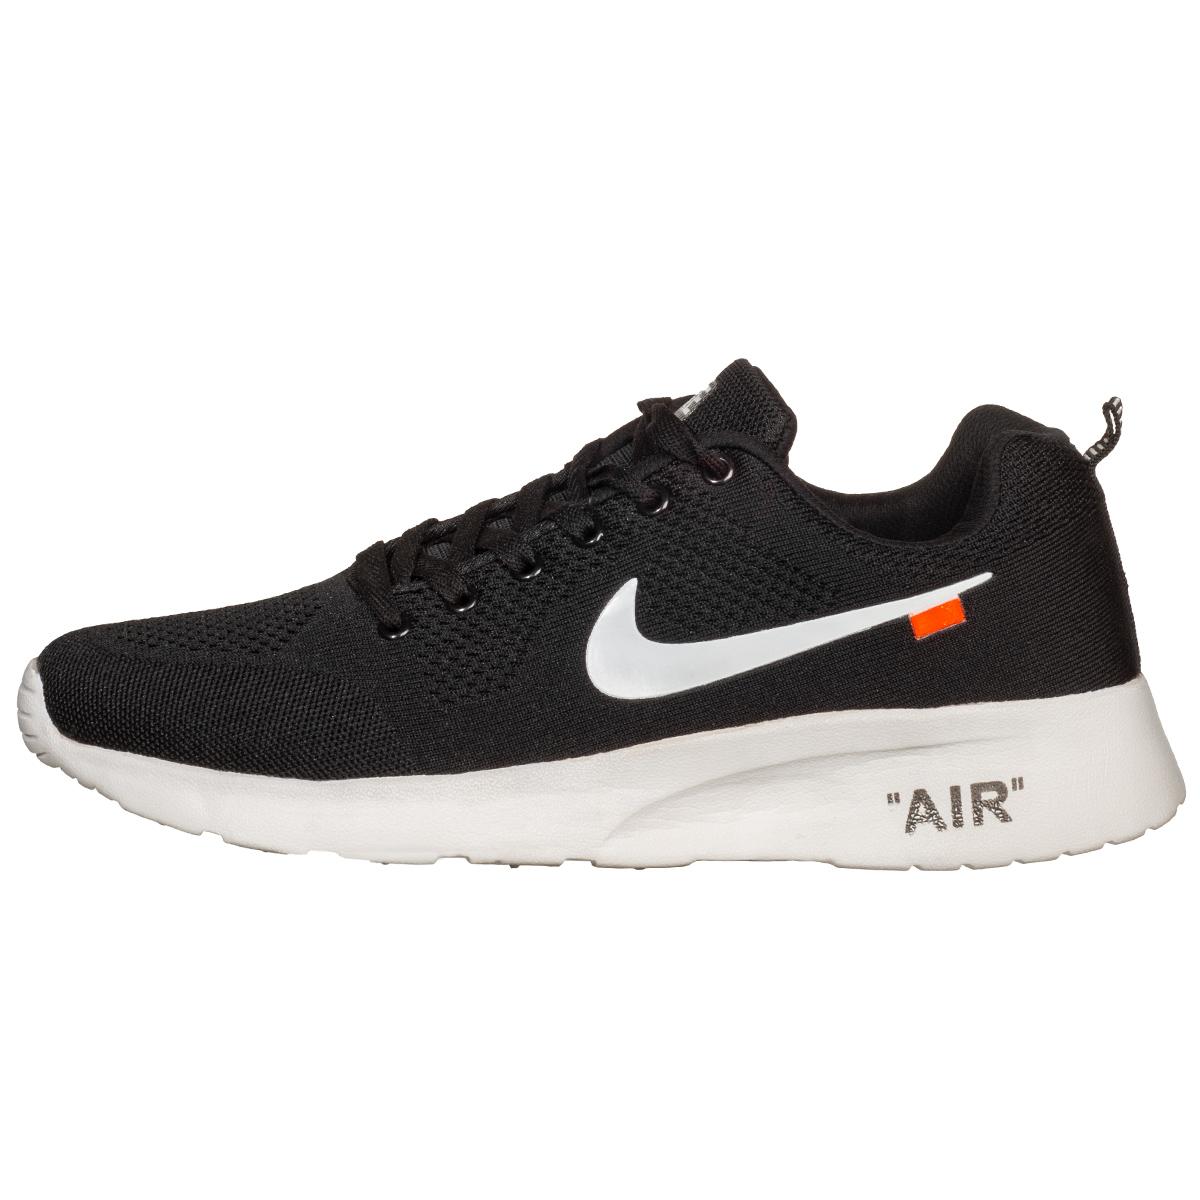 کفش پیاده روی مردانه نایکی مدل AIR BIGFEET BLKWHT7717             , خرید اینترنتی